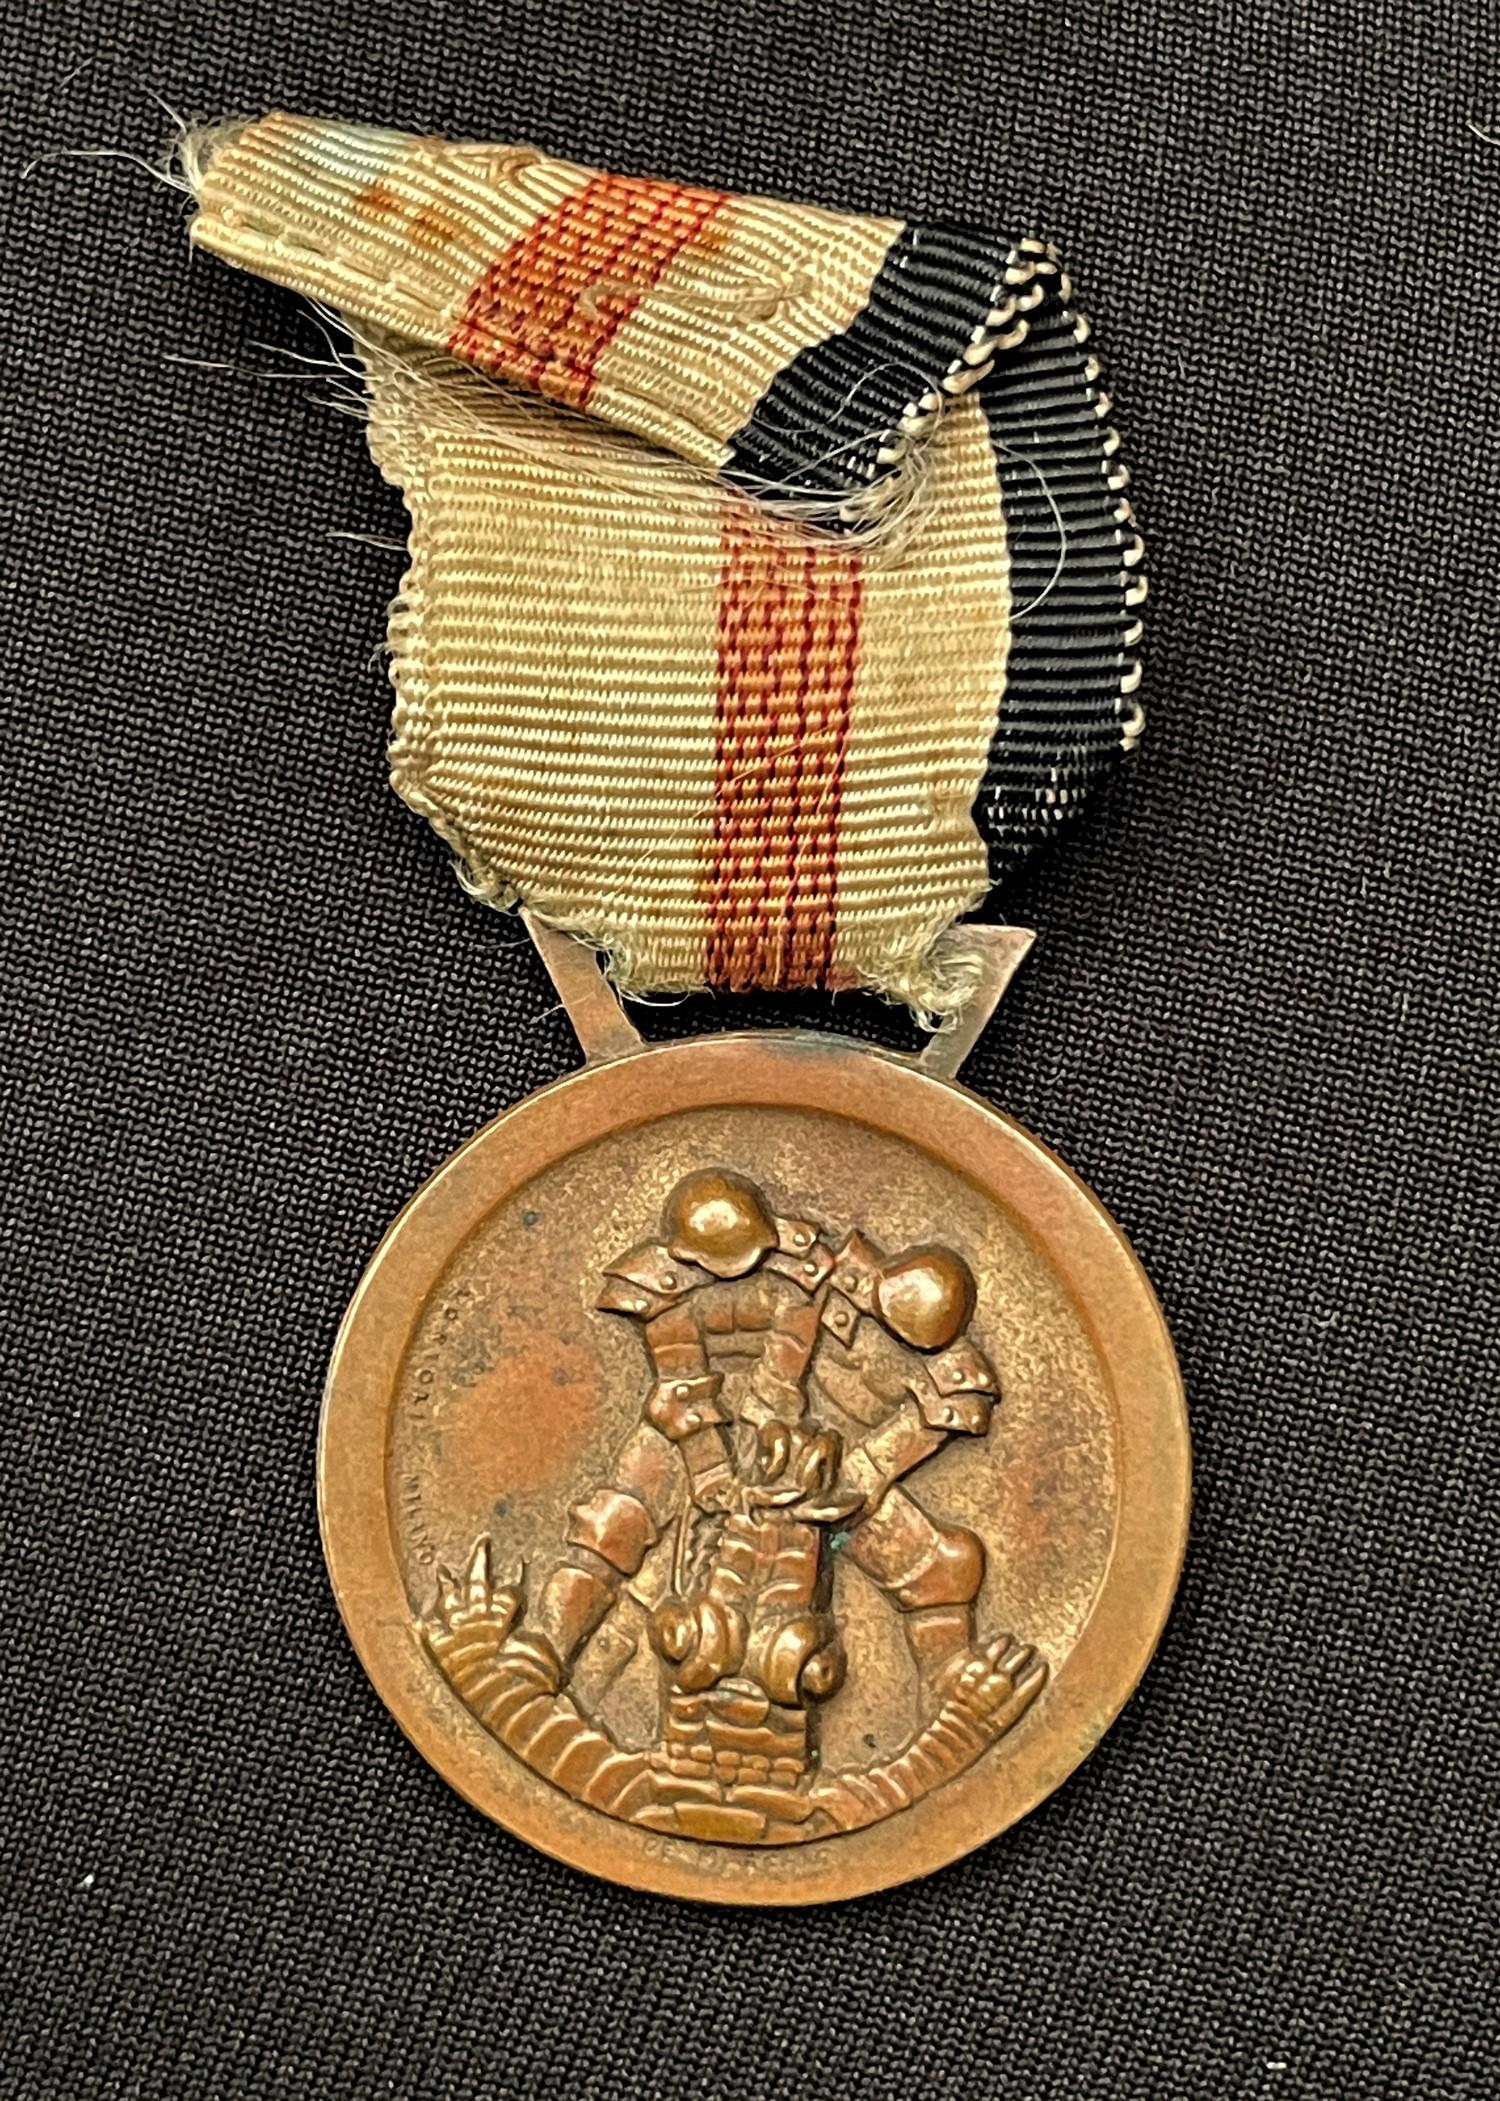 WW2 Third Reich Medaille für den Italiensch-Deutschen Feldzug in Afrika - Italian/German African - Image 2 of 2